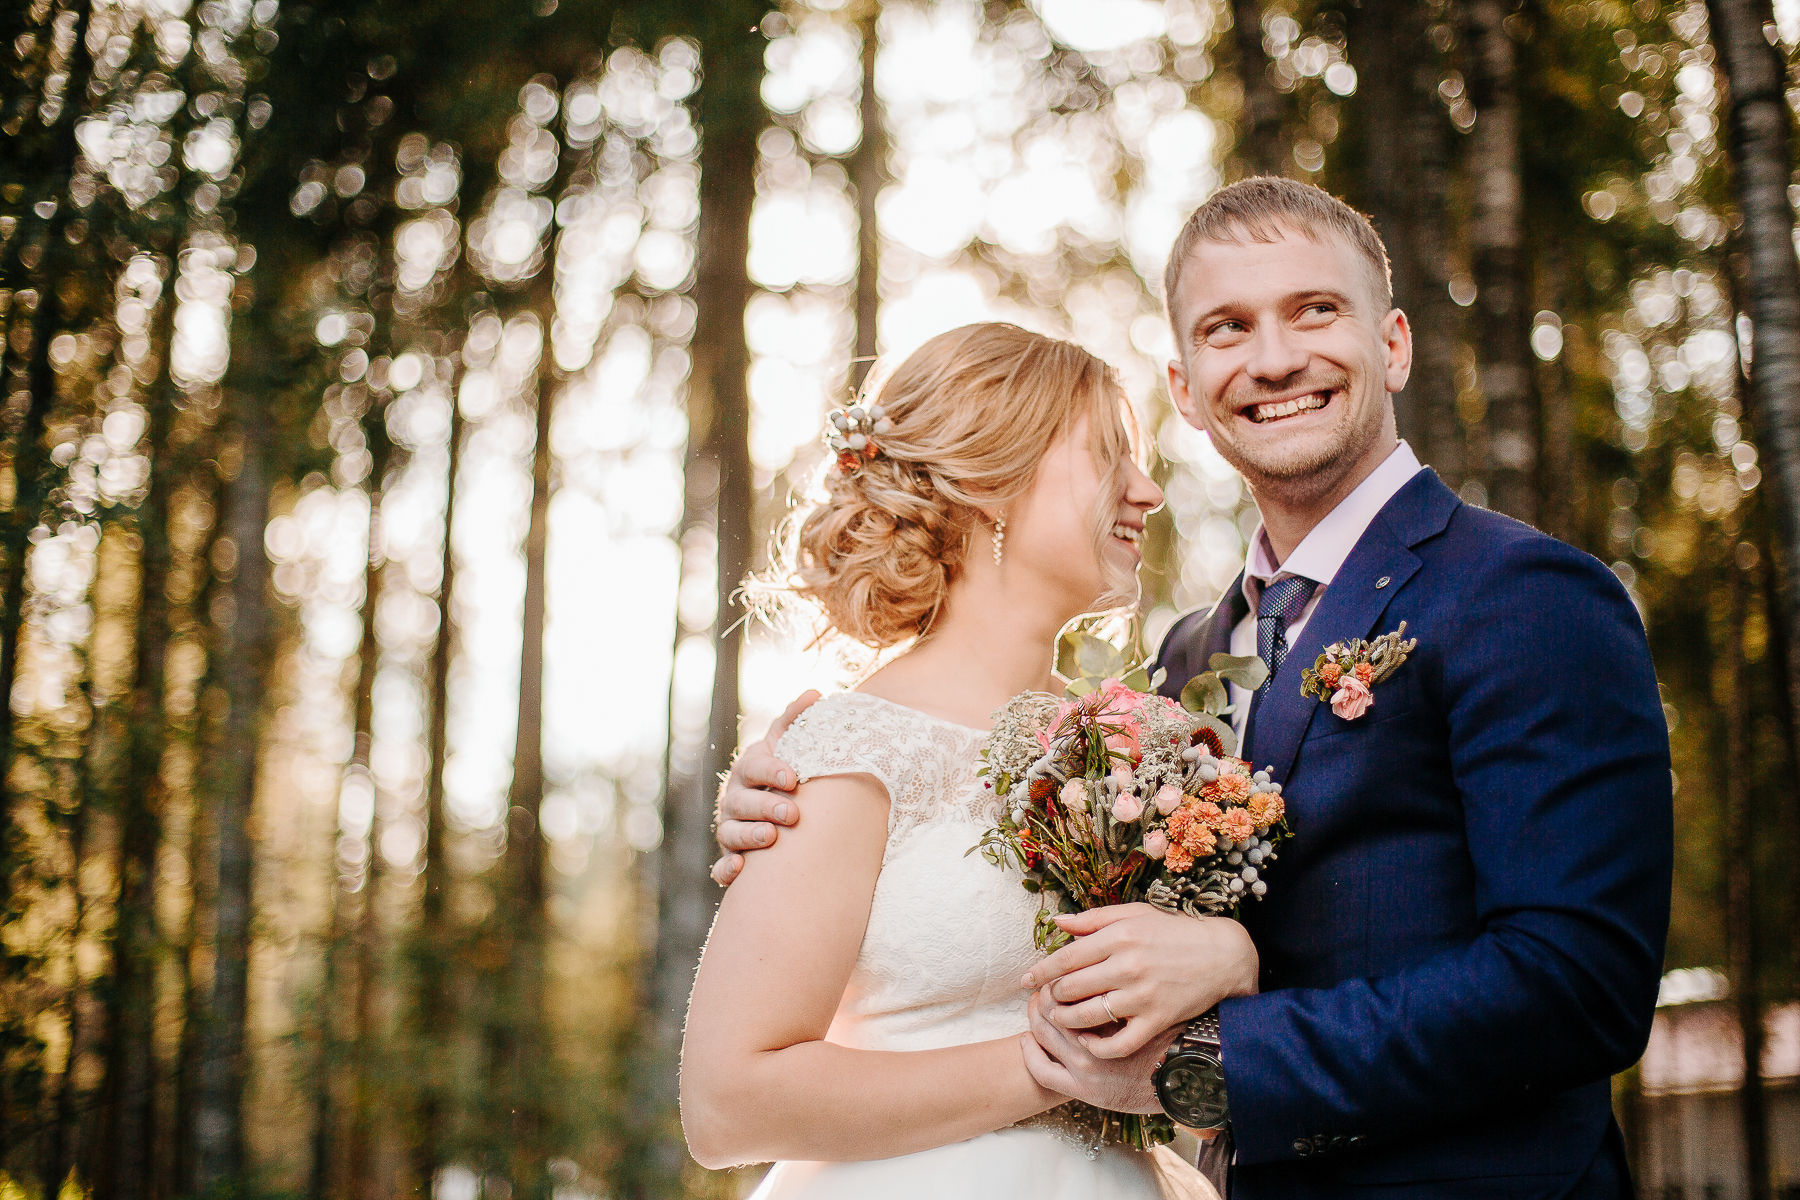 актёр рейтинг свадебных фотографов спб новогодних